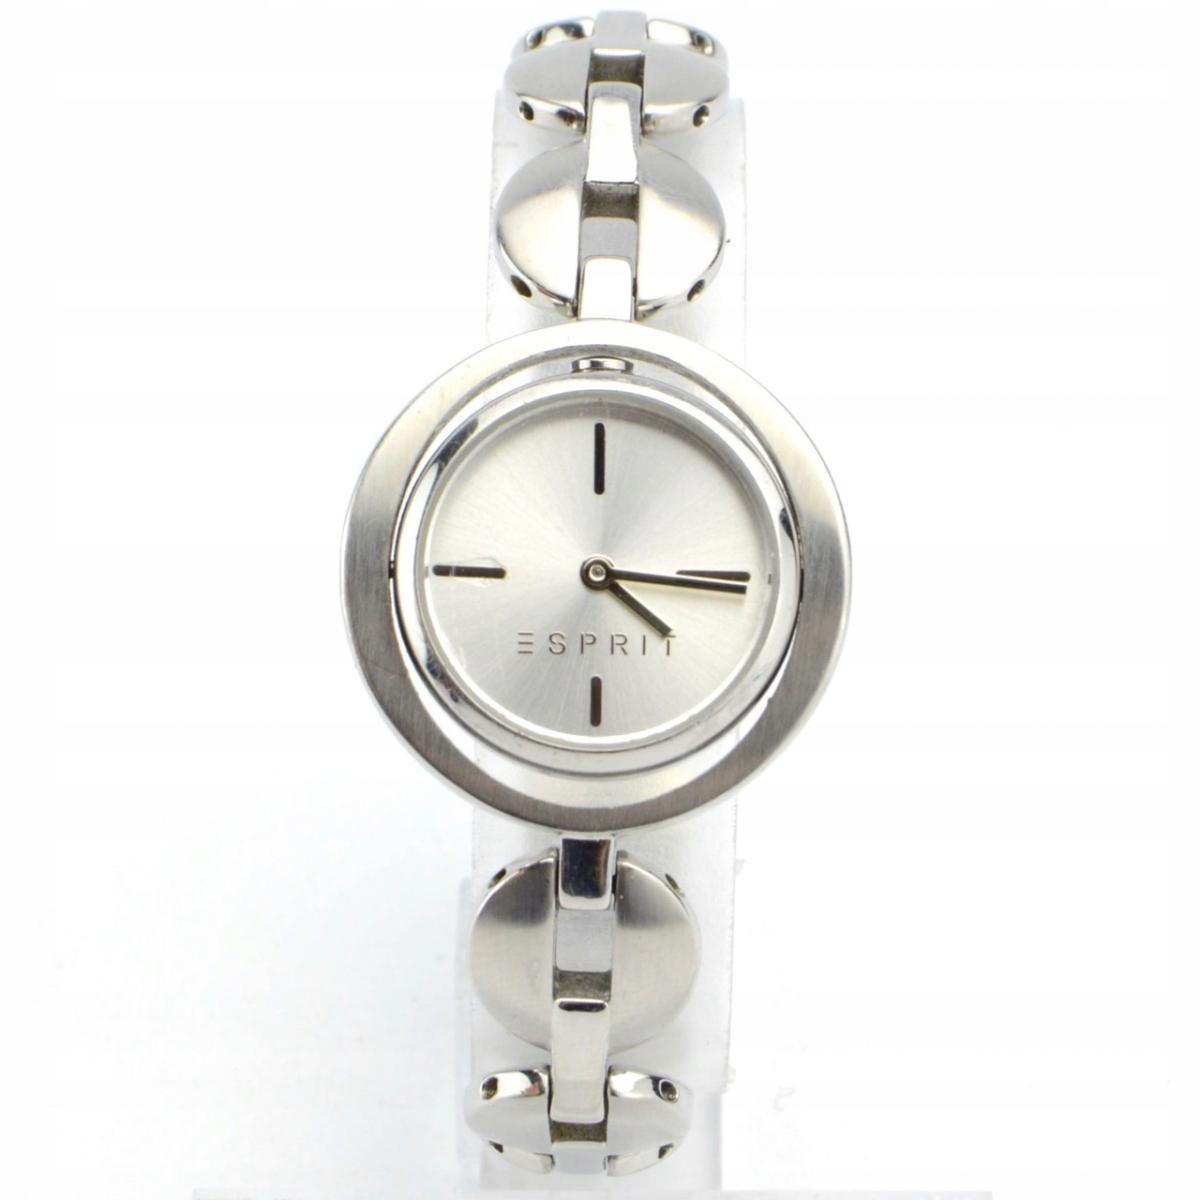 Zegarek damski Esprit srebrny stalowy 108202